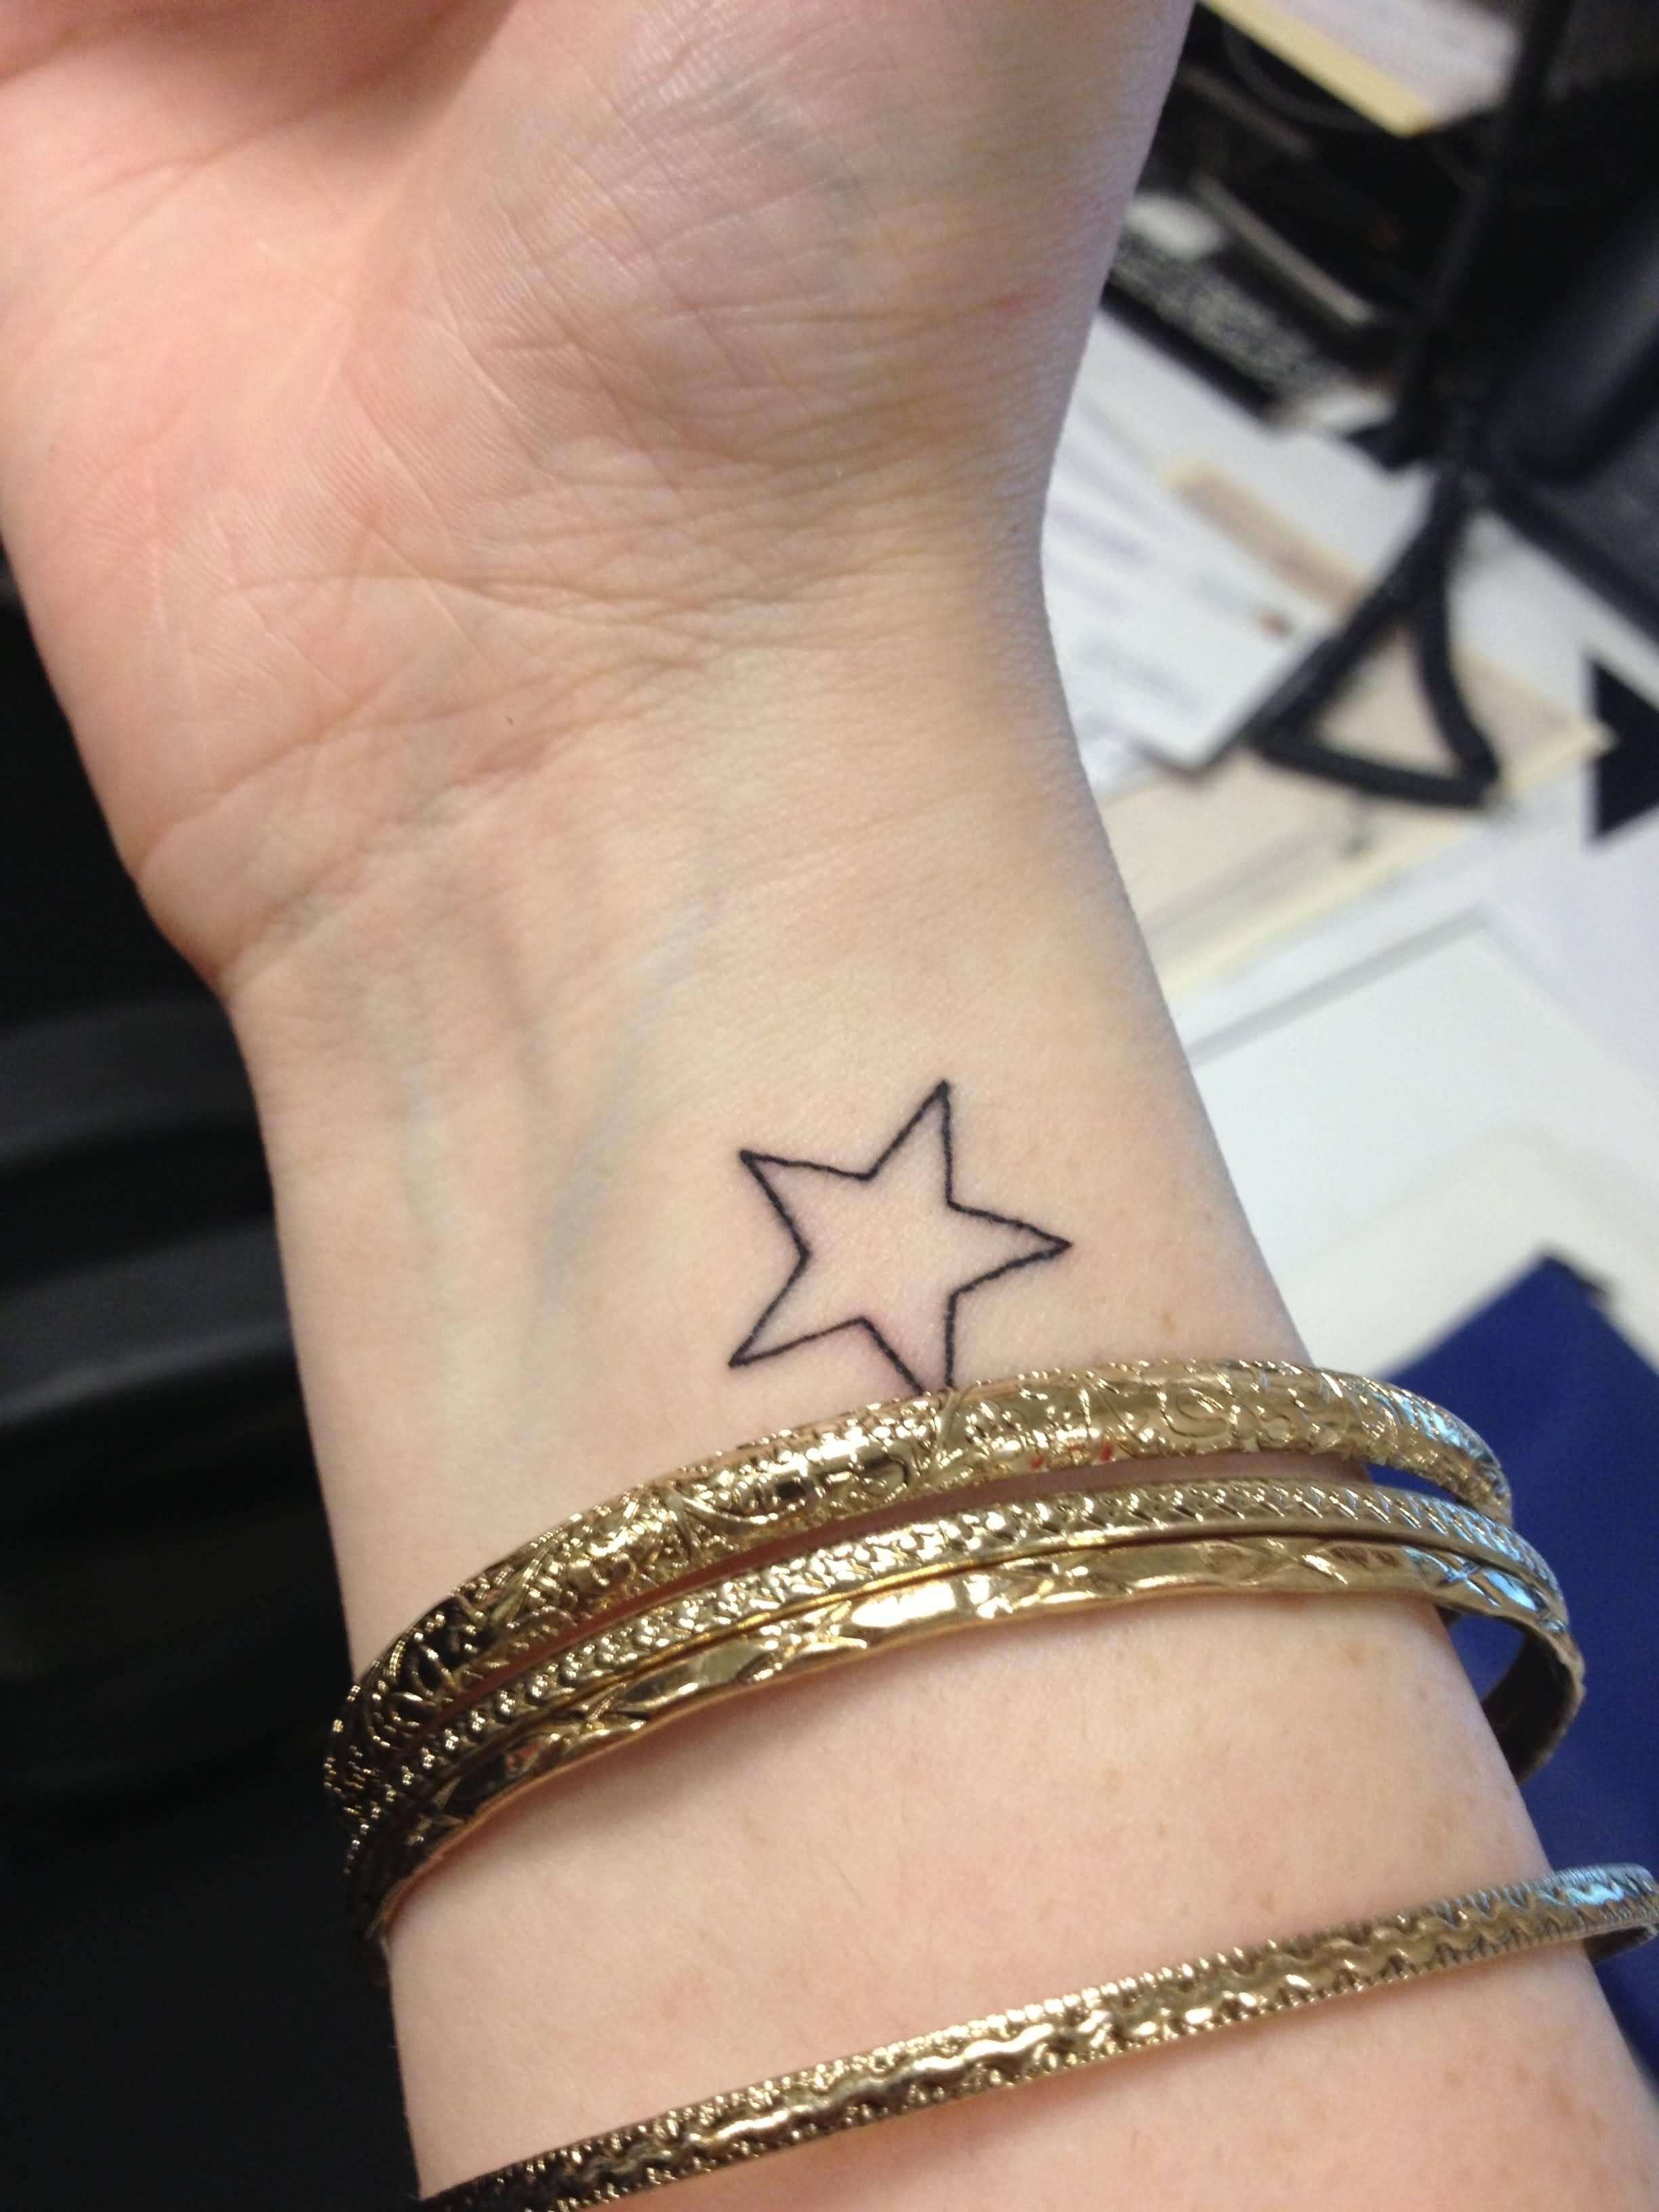 досуге актер картинки тату из звезд на руке связаны